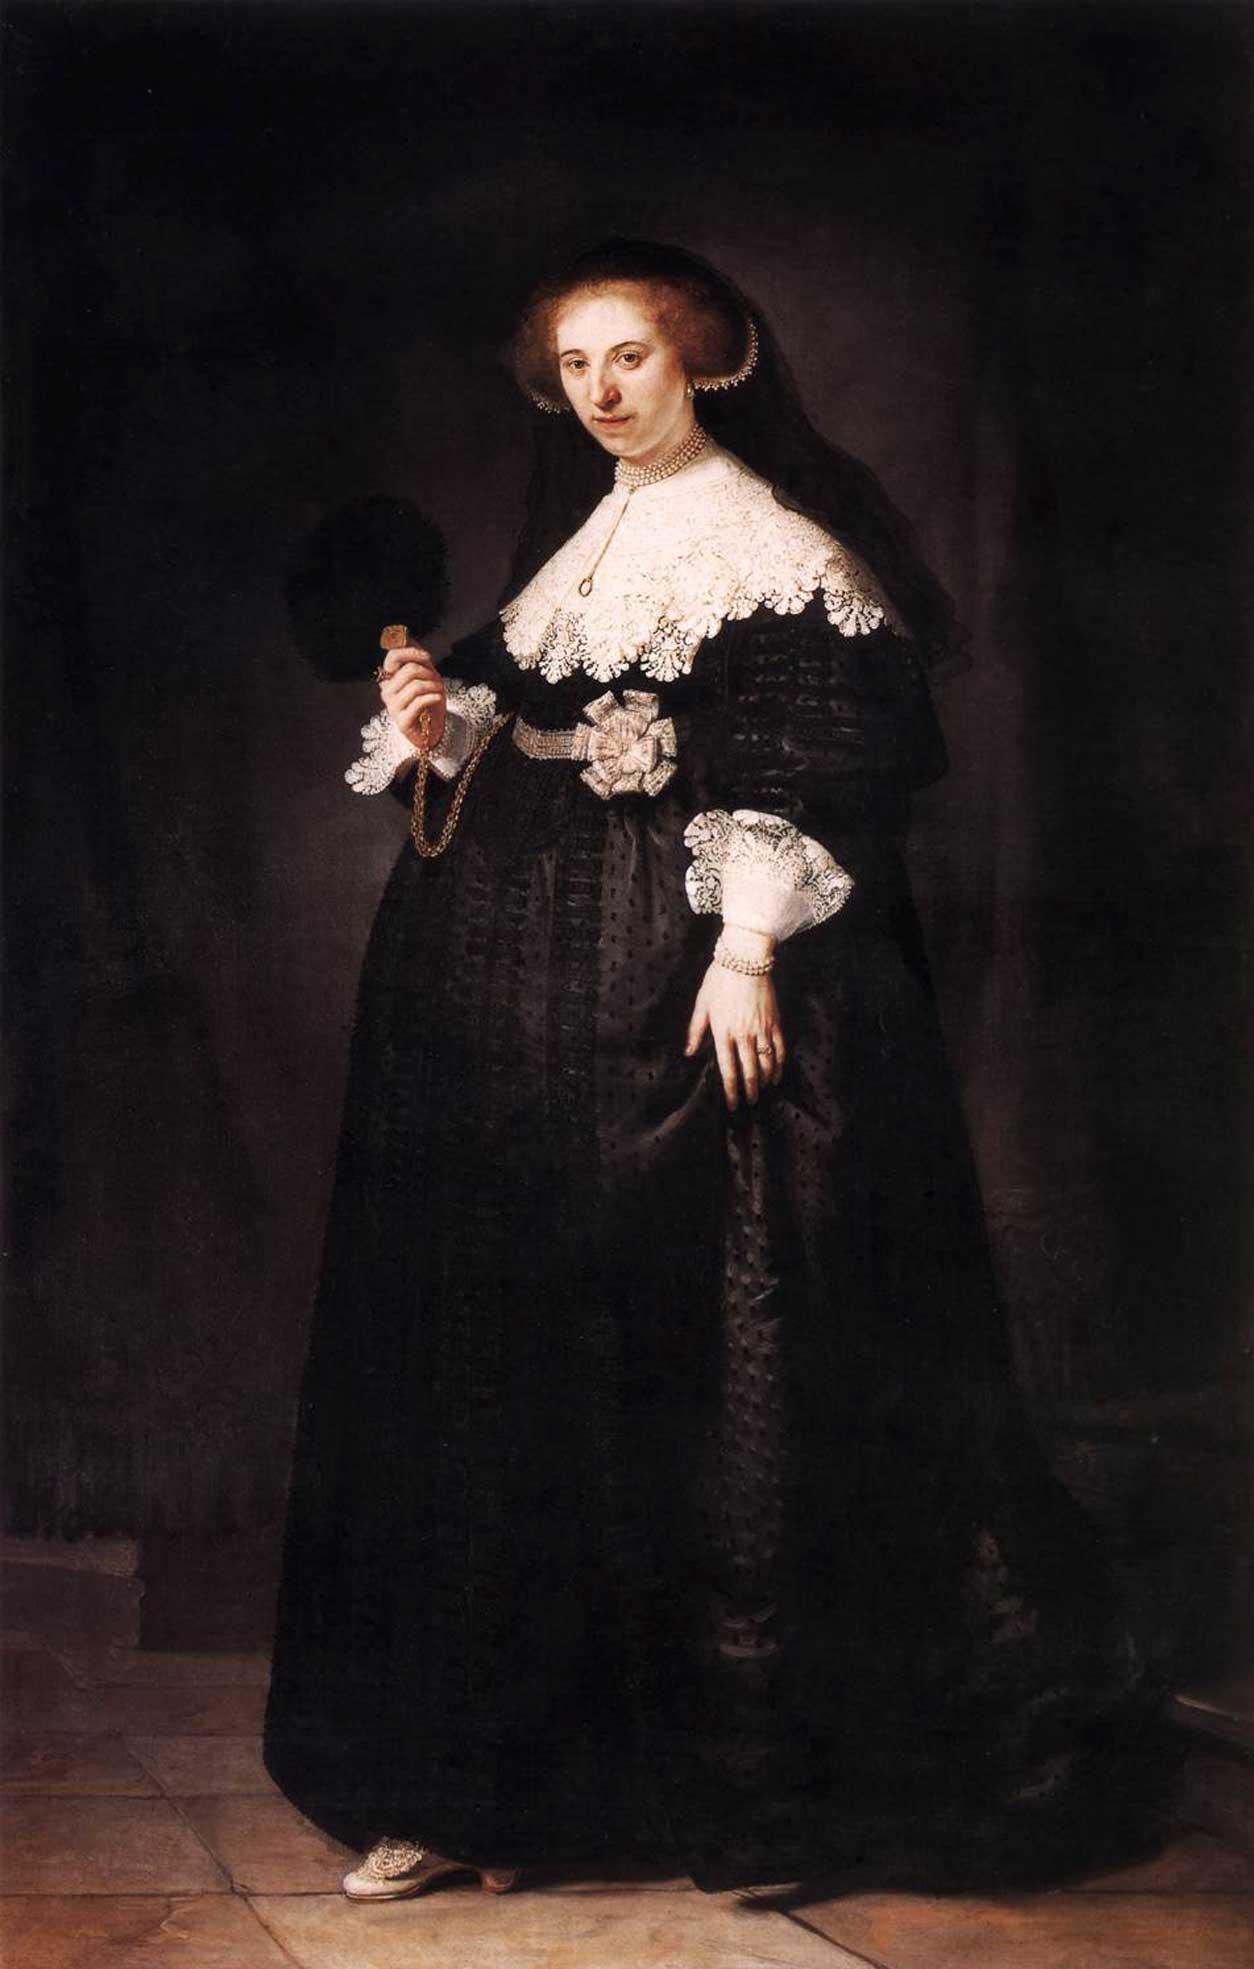 Retrato de Oopjen Coppit de Rembrandt